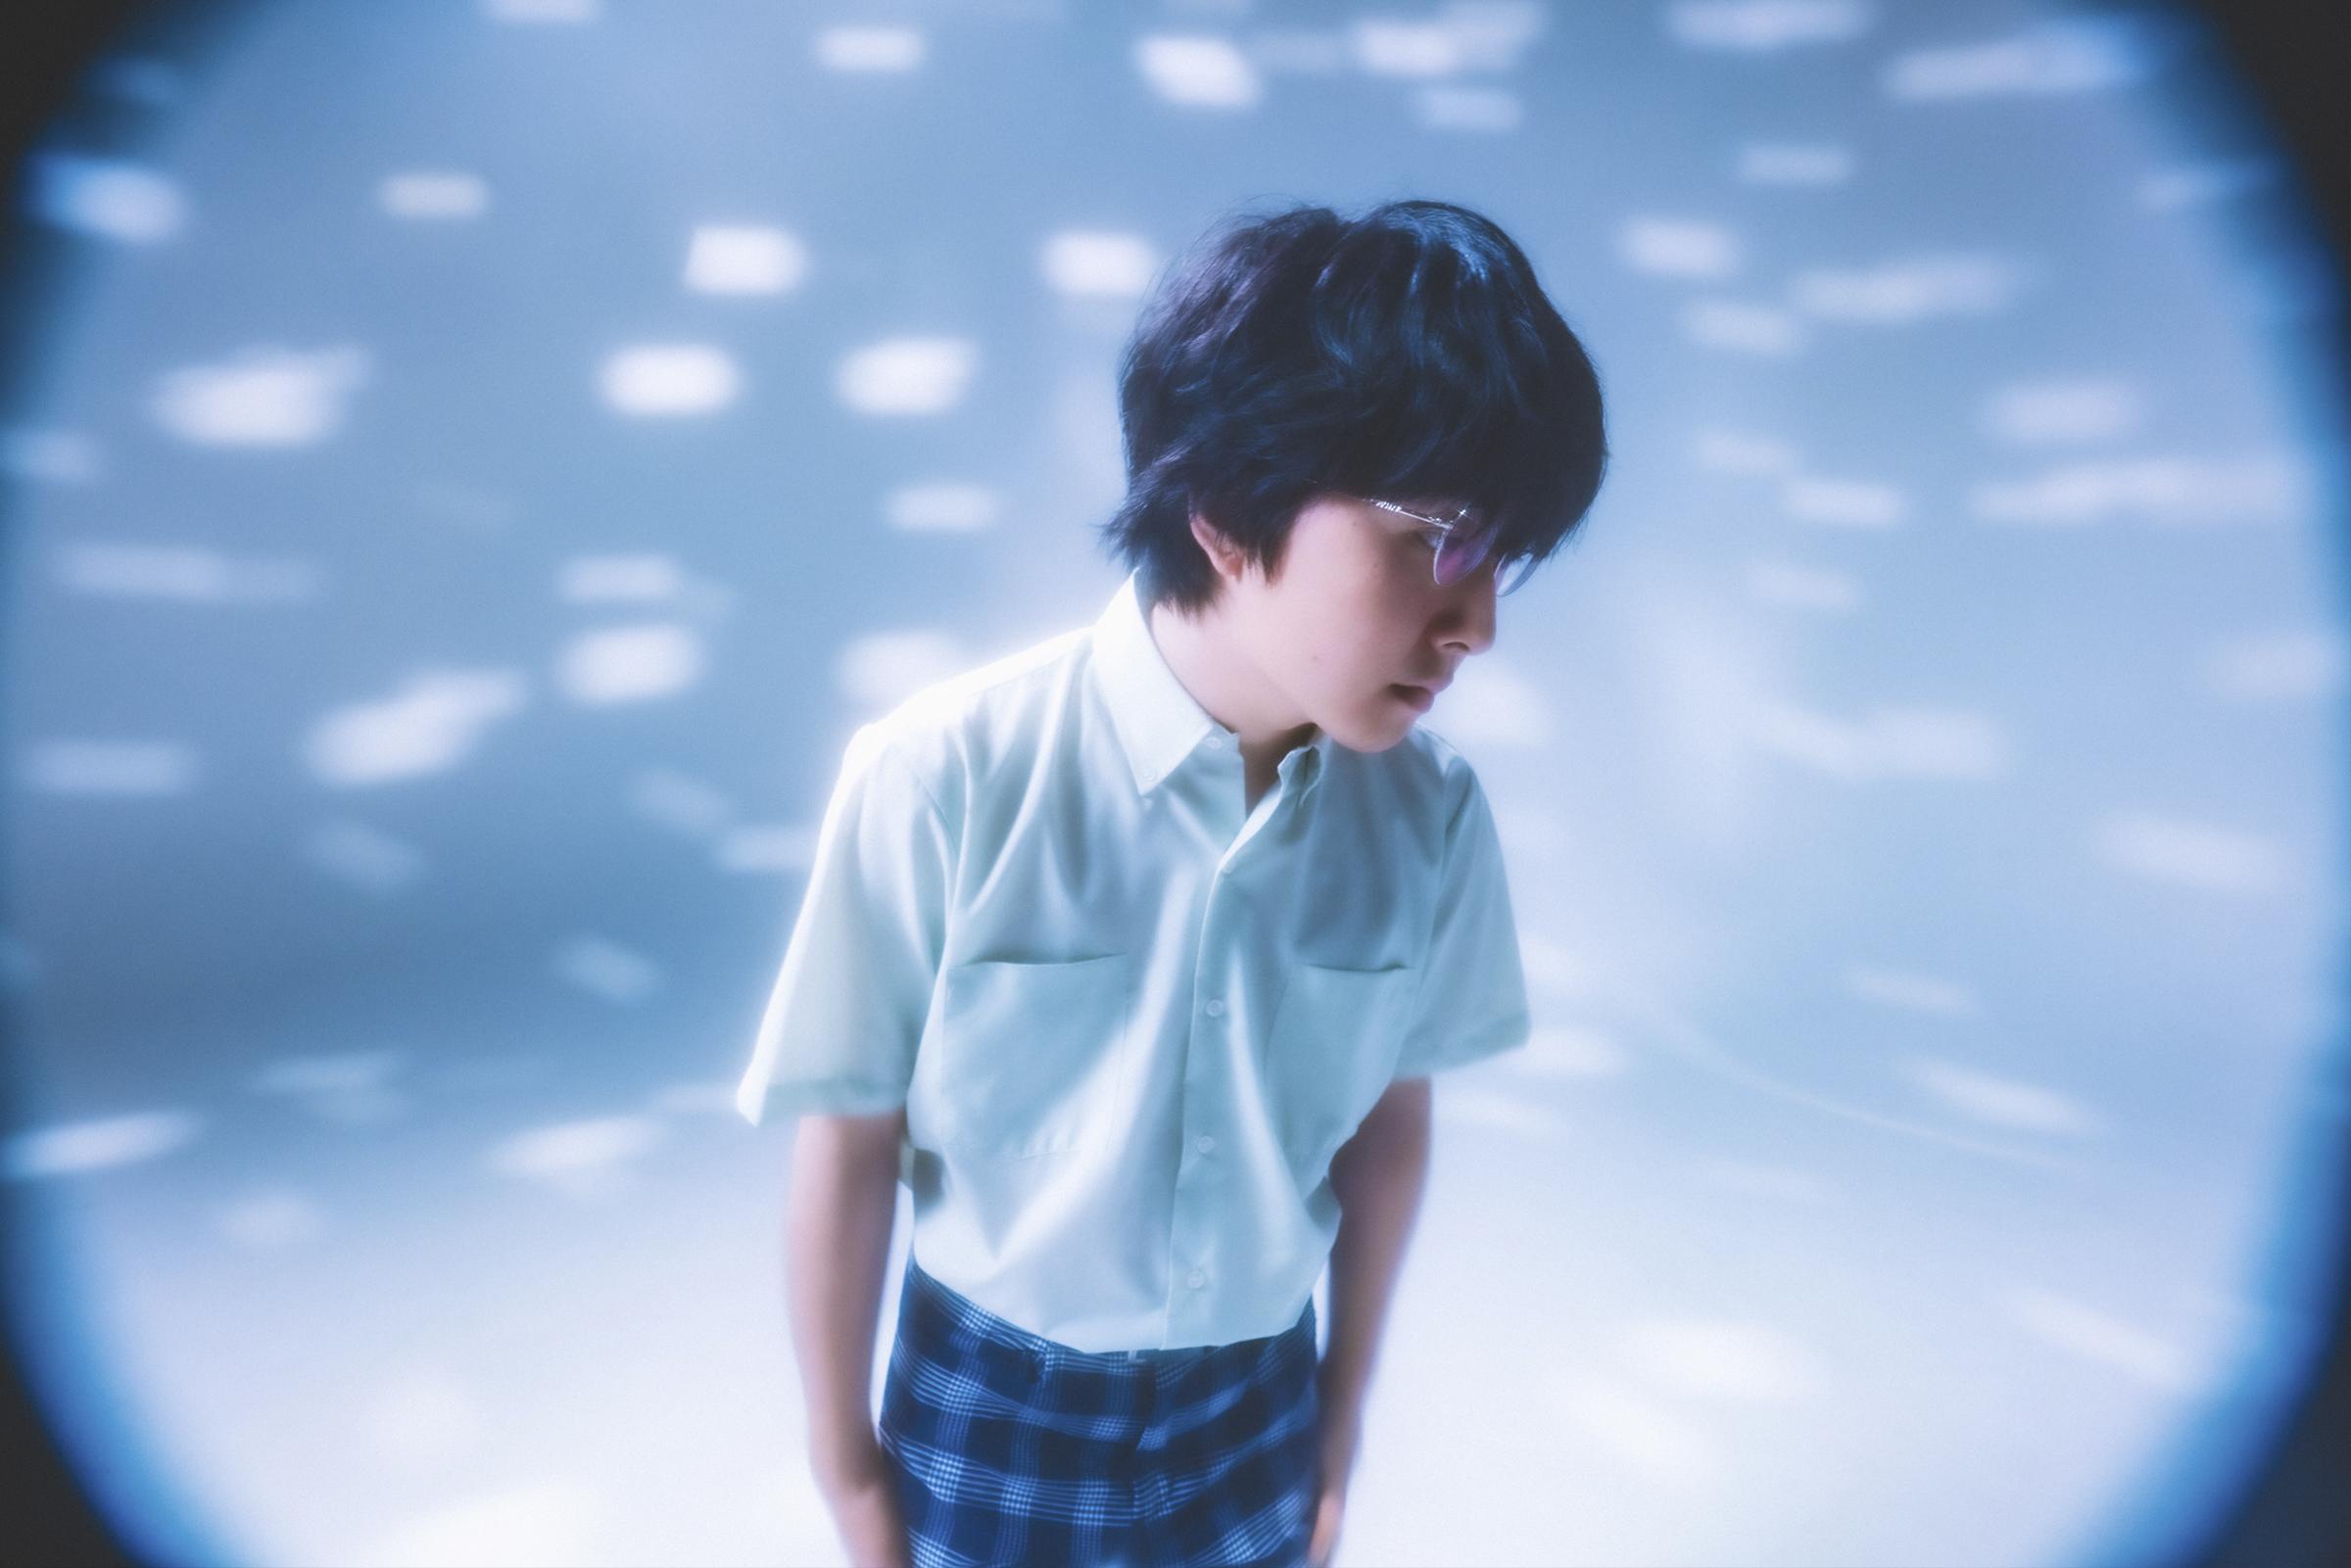 http://sakiyamasoushi.com/assets/images/artist_photo.jpg